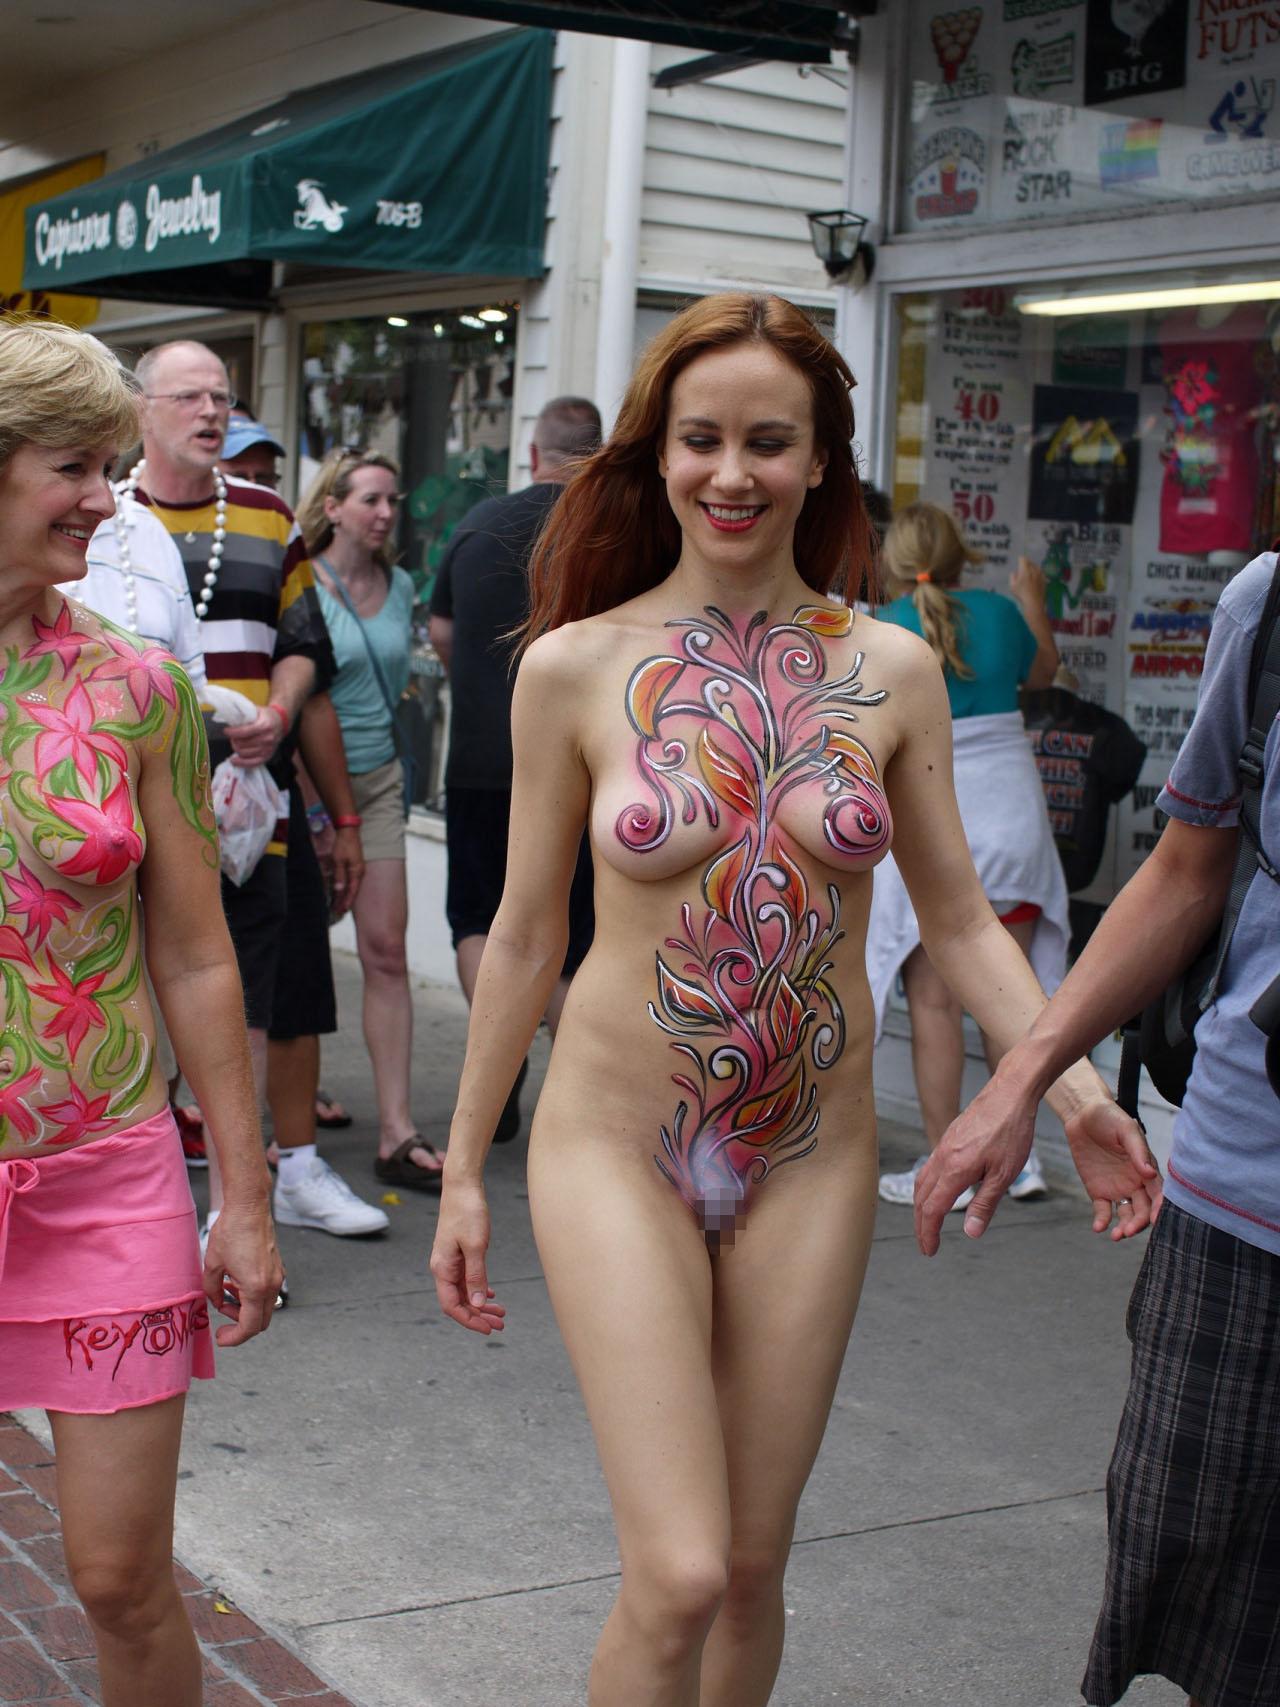 【全裸ボディペイントエロ画像】小さな子供も見てるのに…お祭りなら全裸になっても無問題という海外の風潮がほんとすこwwww その4